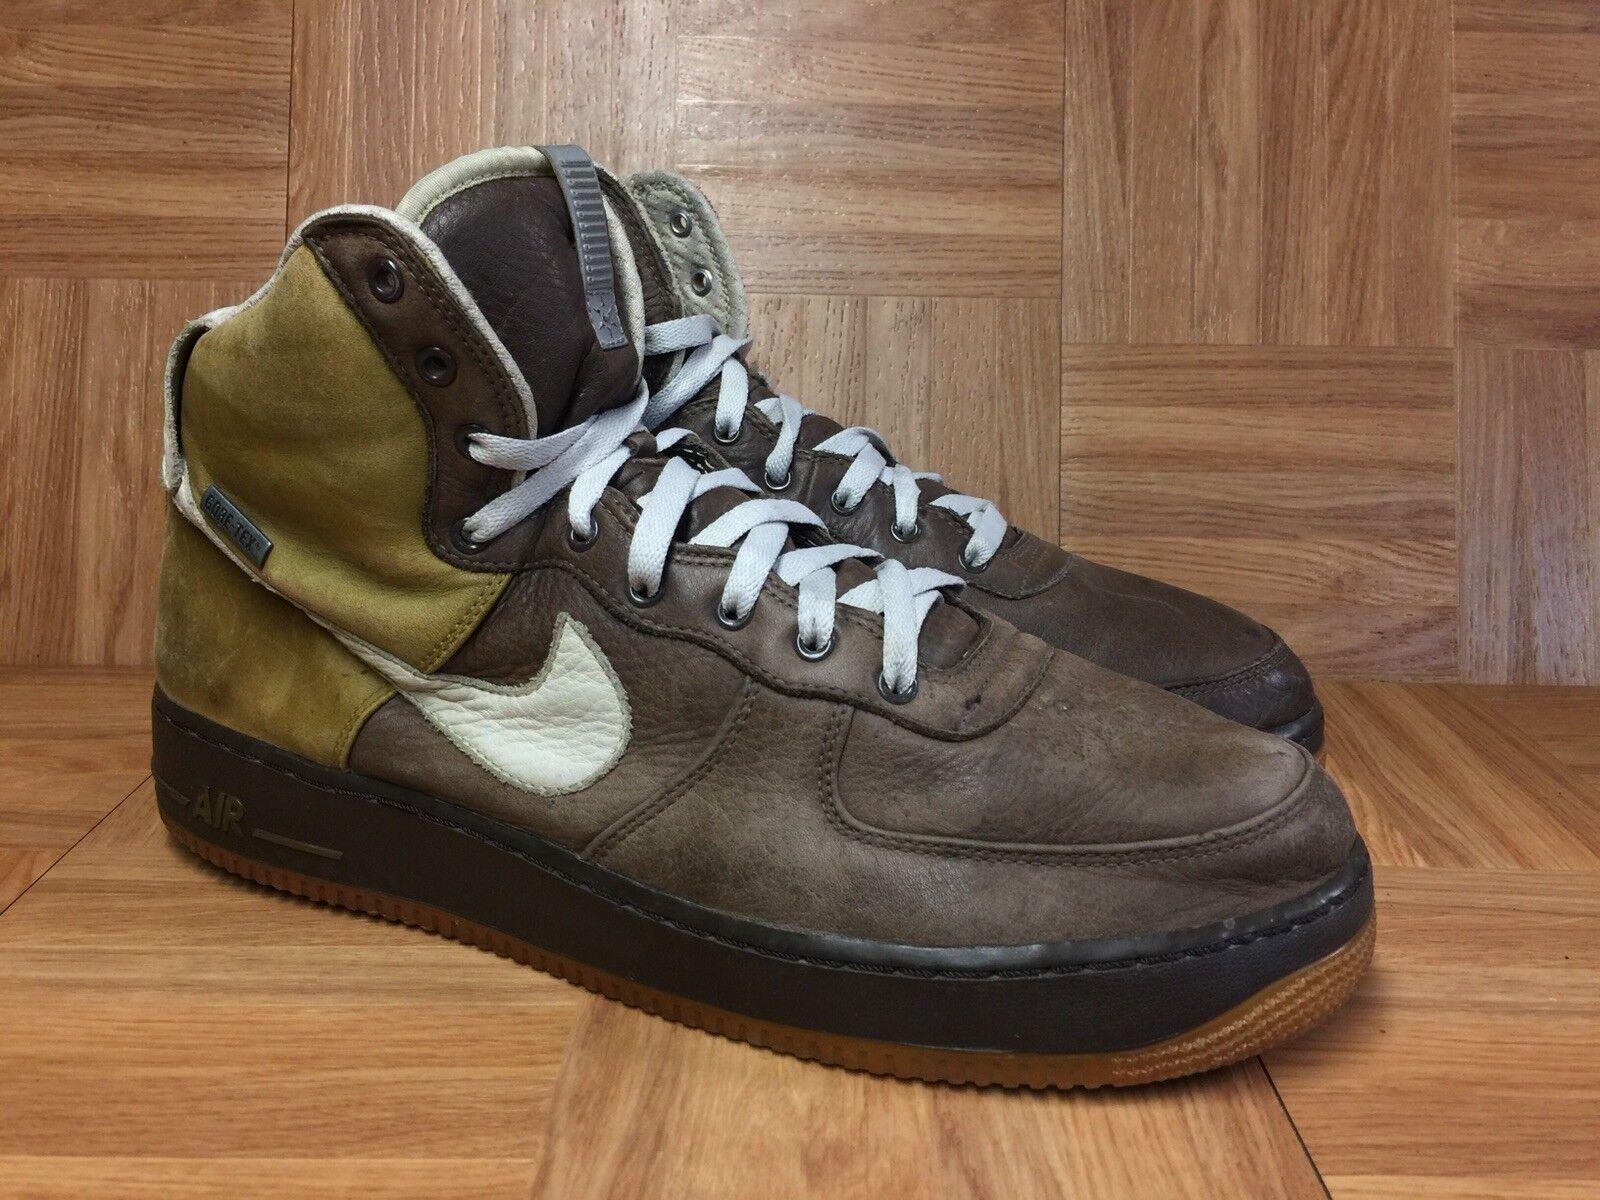 RARE Nike Air Force 1 High N2WiNTeR Baroque Brown Net Spani Moss 13 311900-211